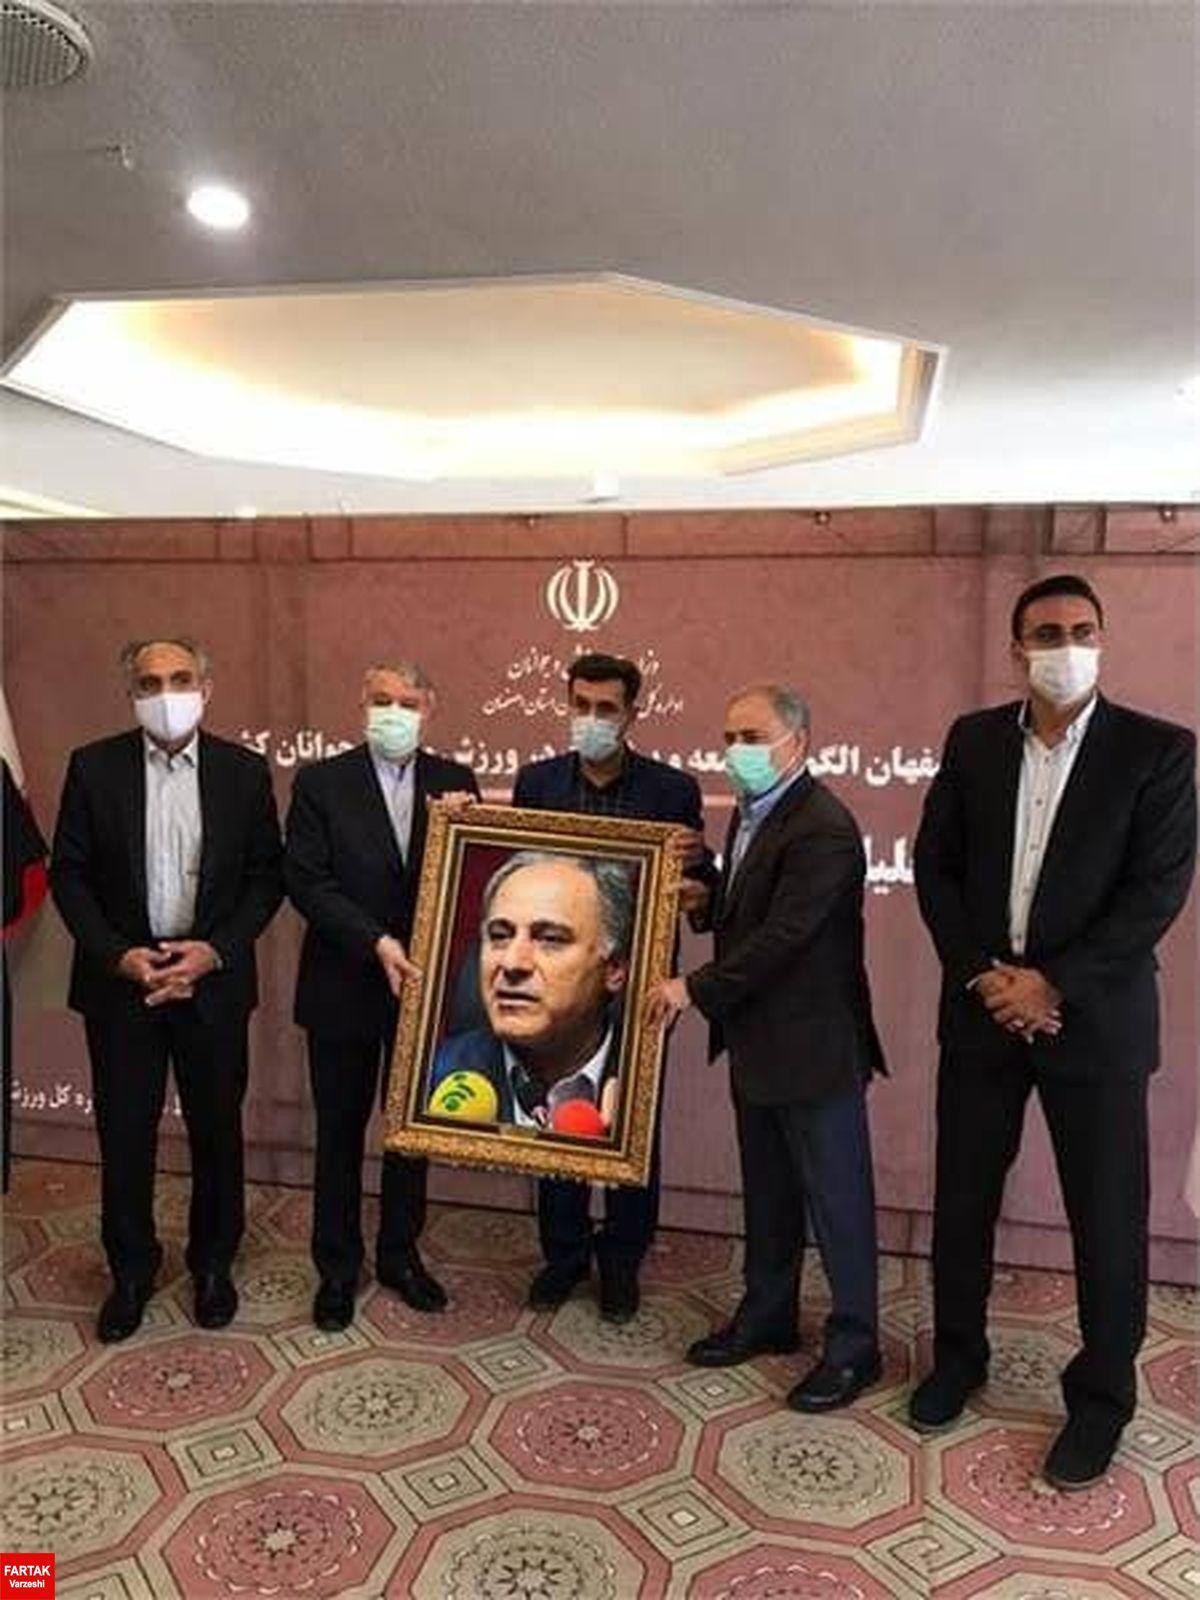 حاشیه سفر رئیس کمیته_ملی_المپیک به اصفهان به منظور حضور در مراسم تقدیر از سهراب مرادی